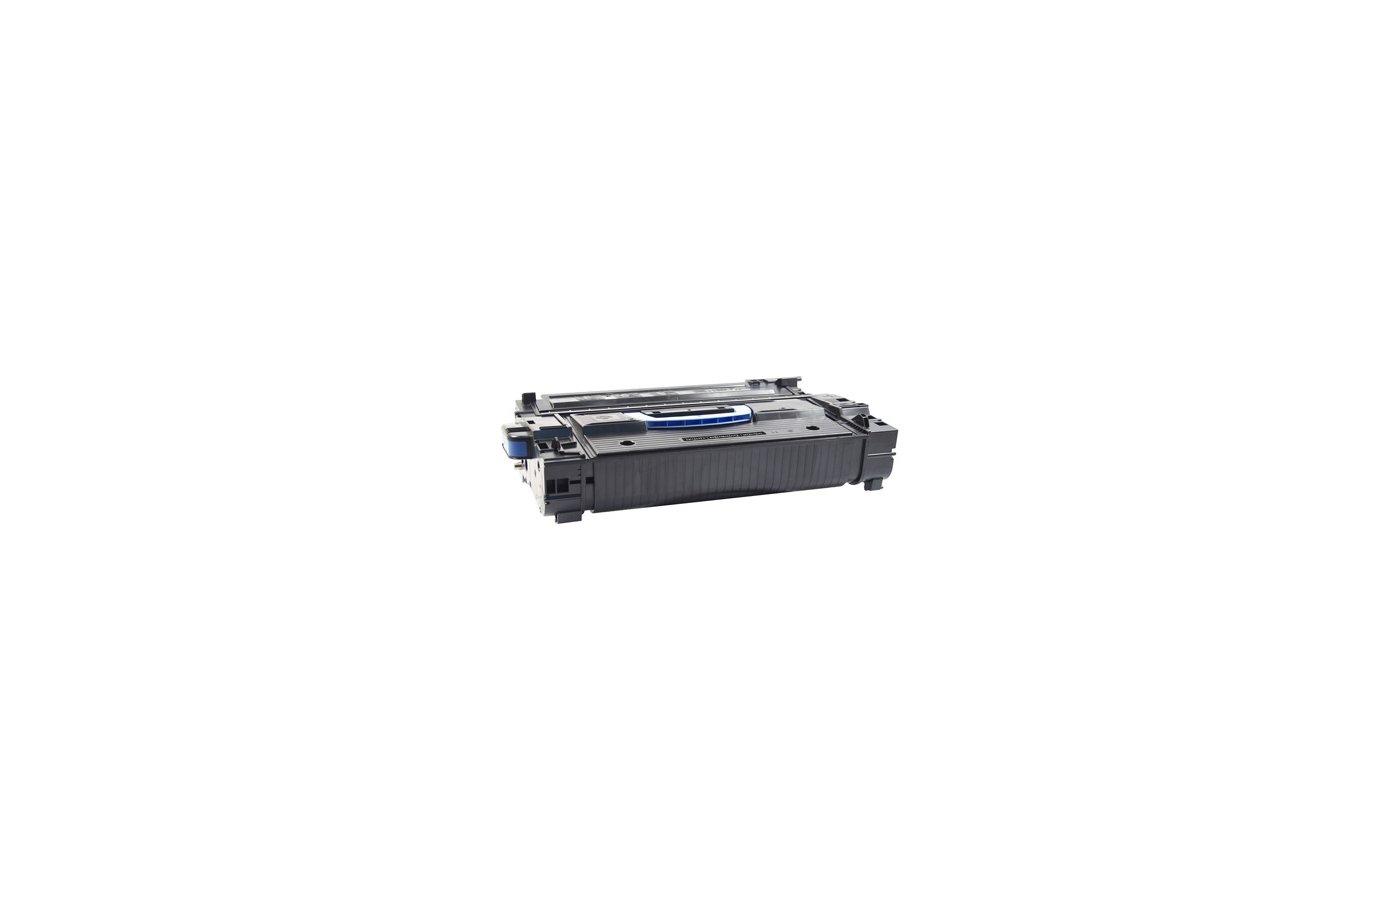 Картридж лазерный HP CF325X черный LJ flow M830z/M806x+/M830z/M806dn/M806x (40000стр.) 25X